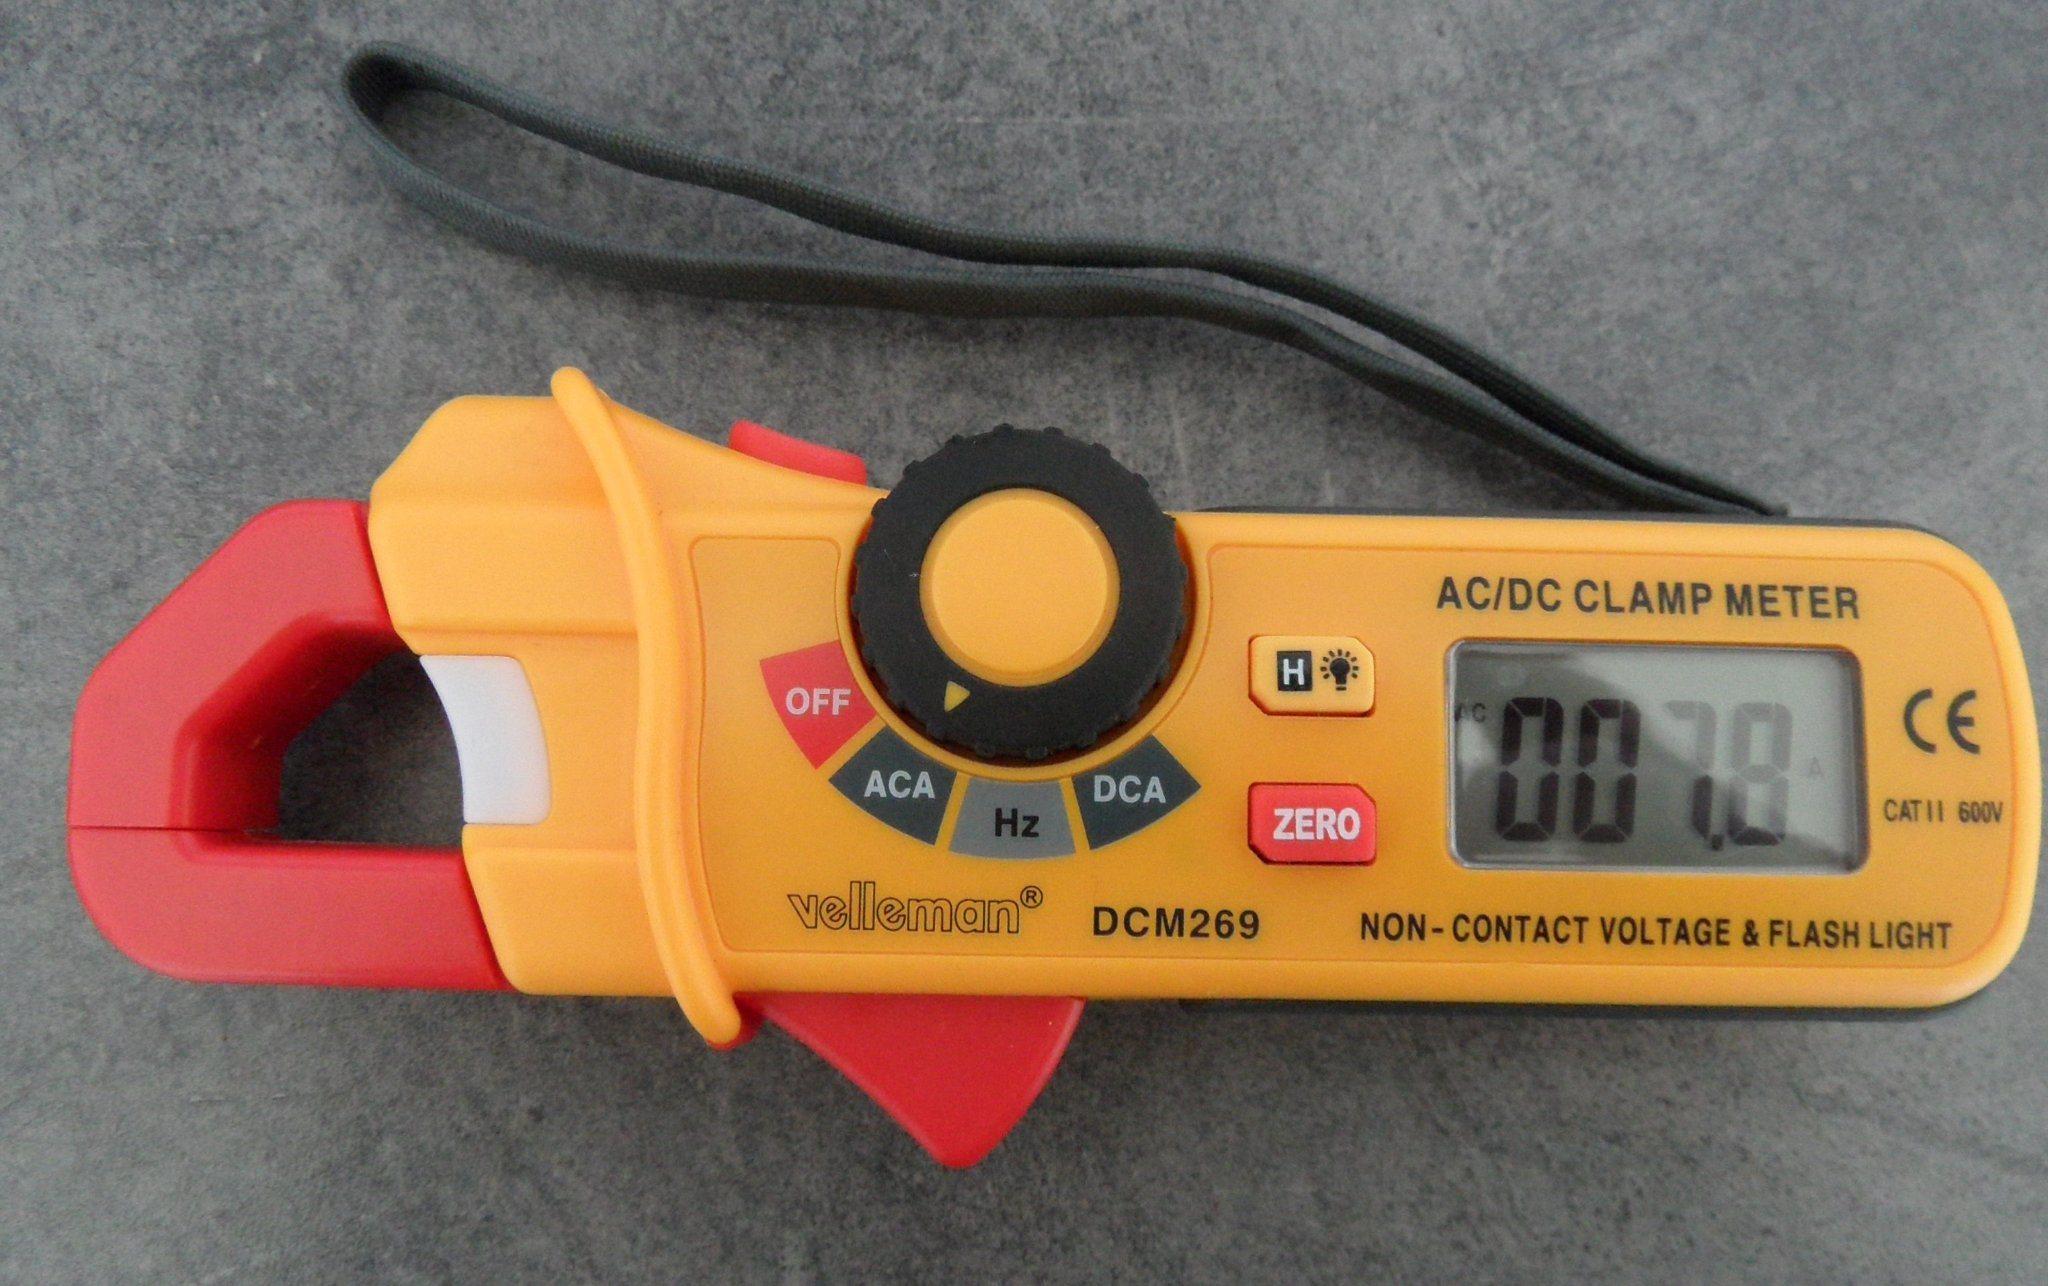 Tångamperemeter inkl AC detektor 100-600 V (341797325) ᐈ Köp på Tradera 48b487d6c171f